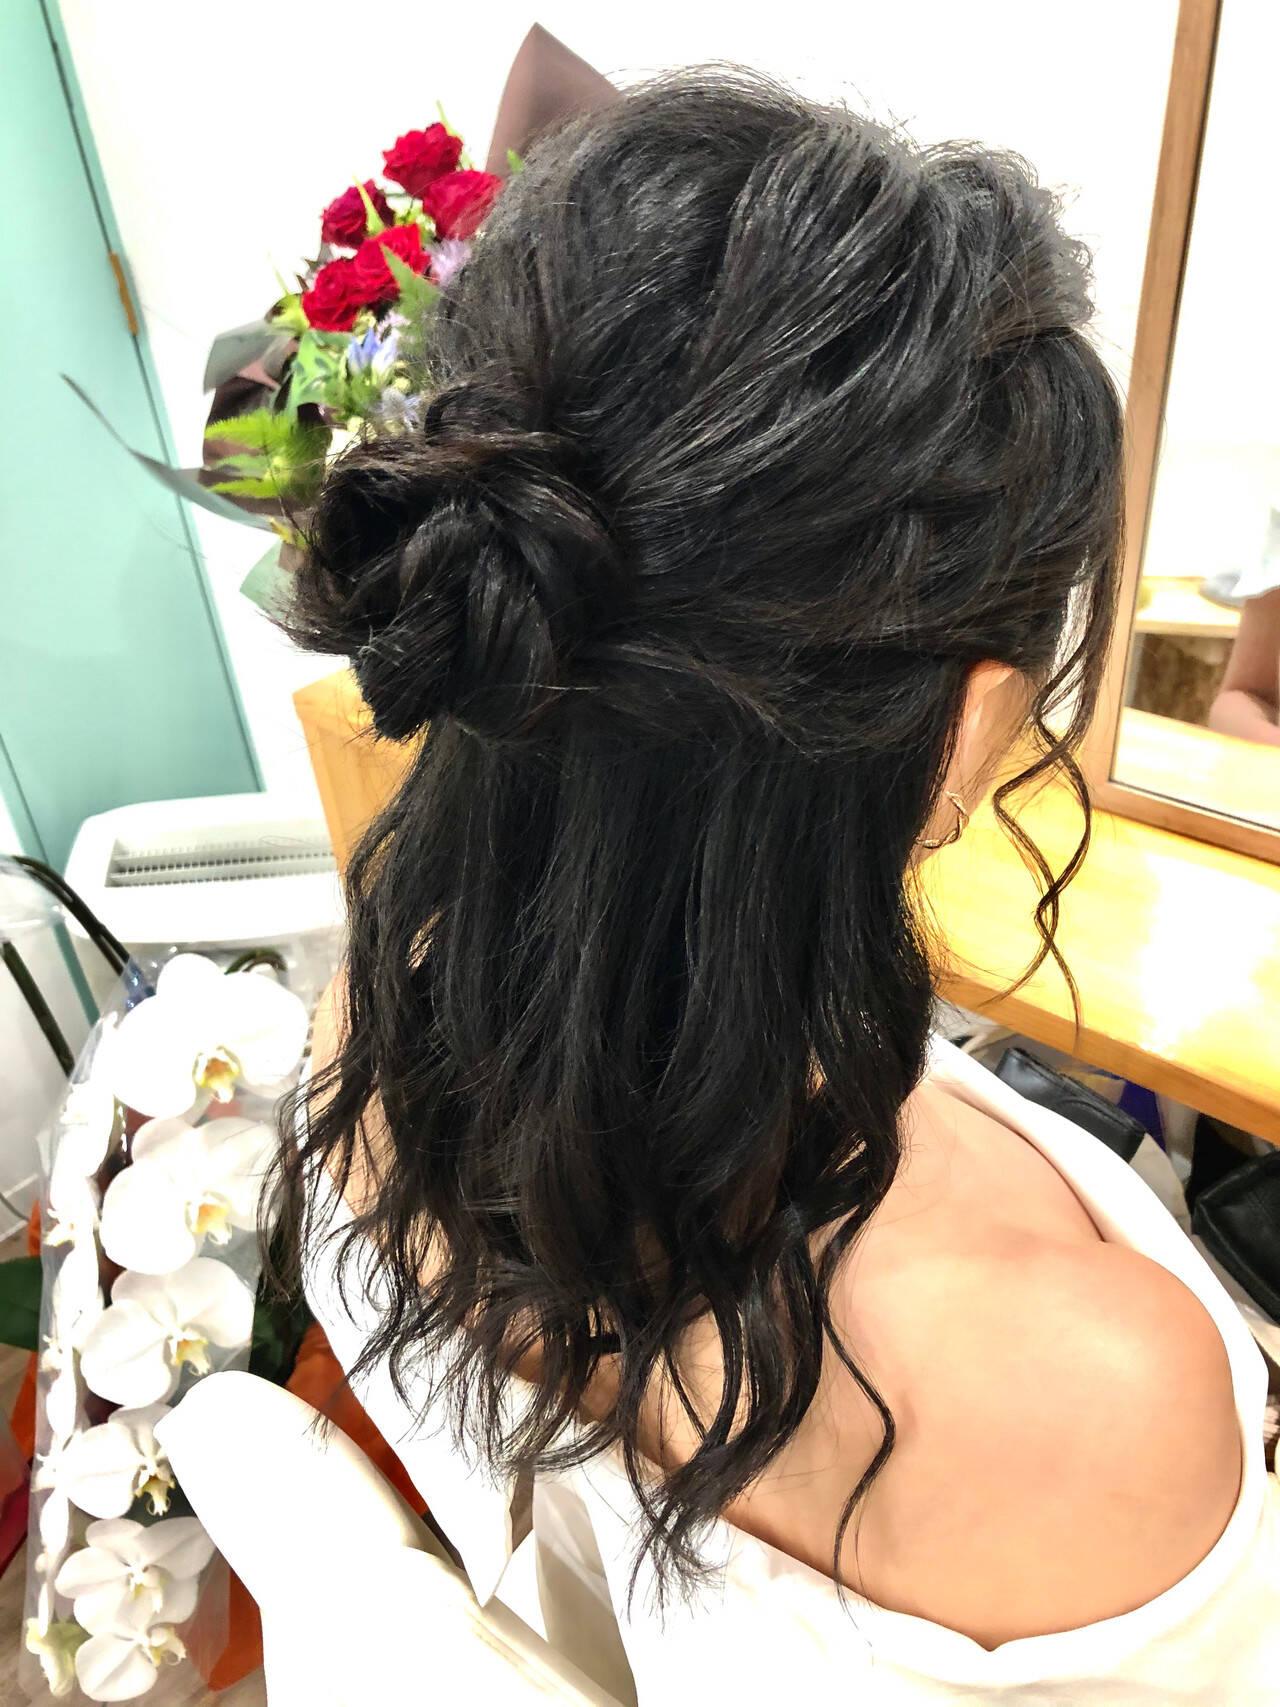 ハーフアップ ねじり ヘアアレンジ ヘアセットヘアスタイルや髪型の写真・画像